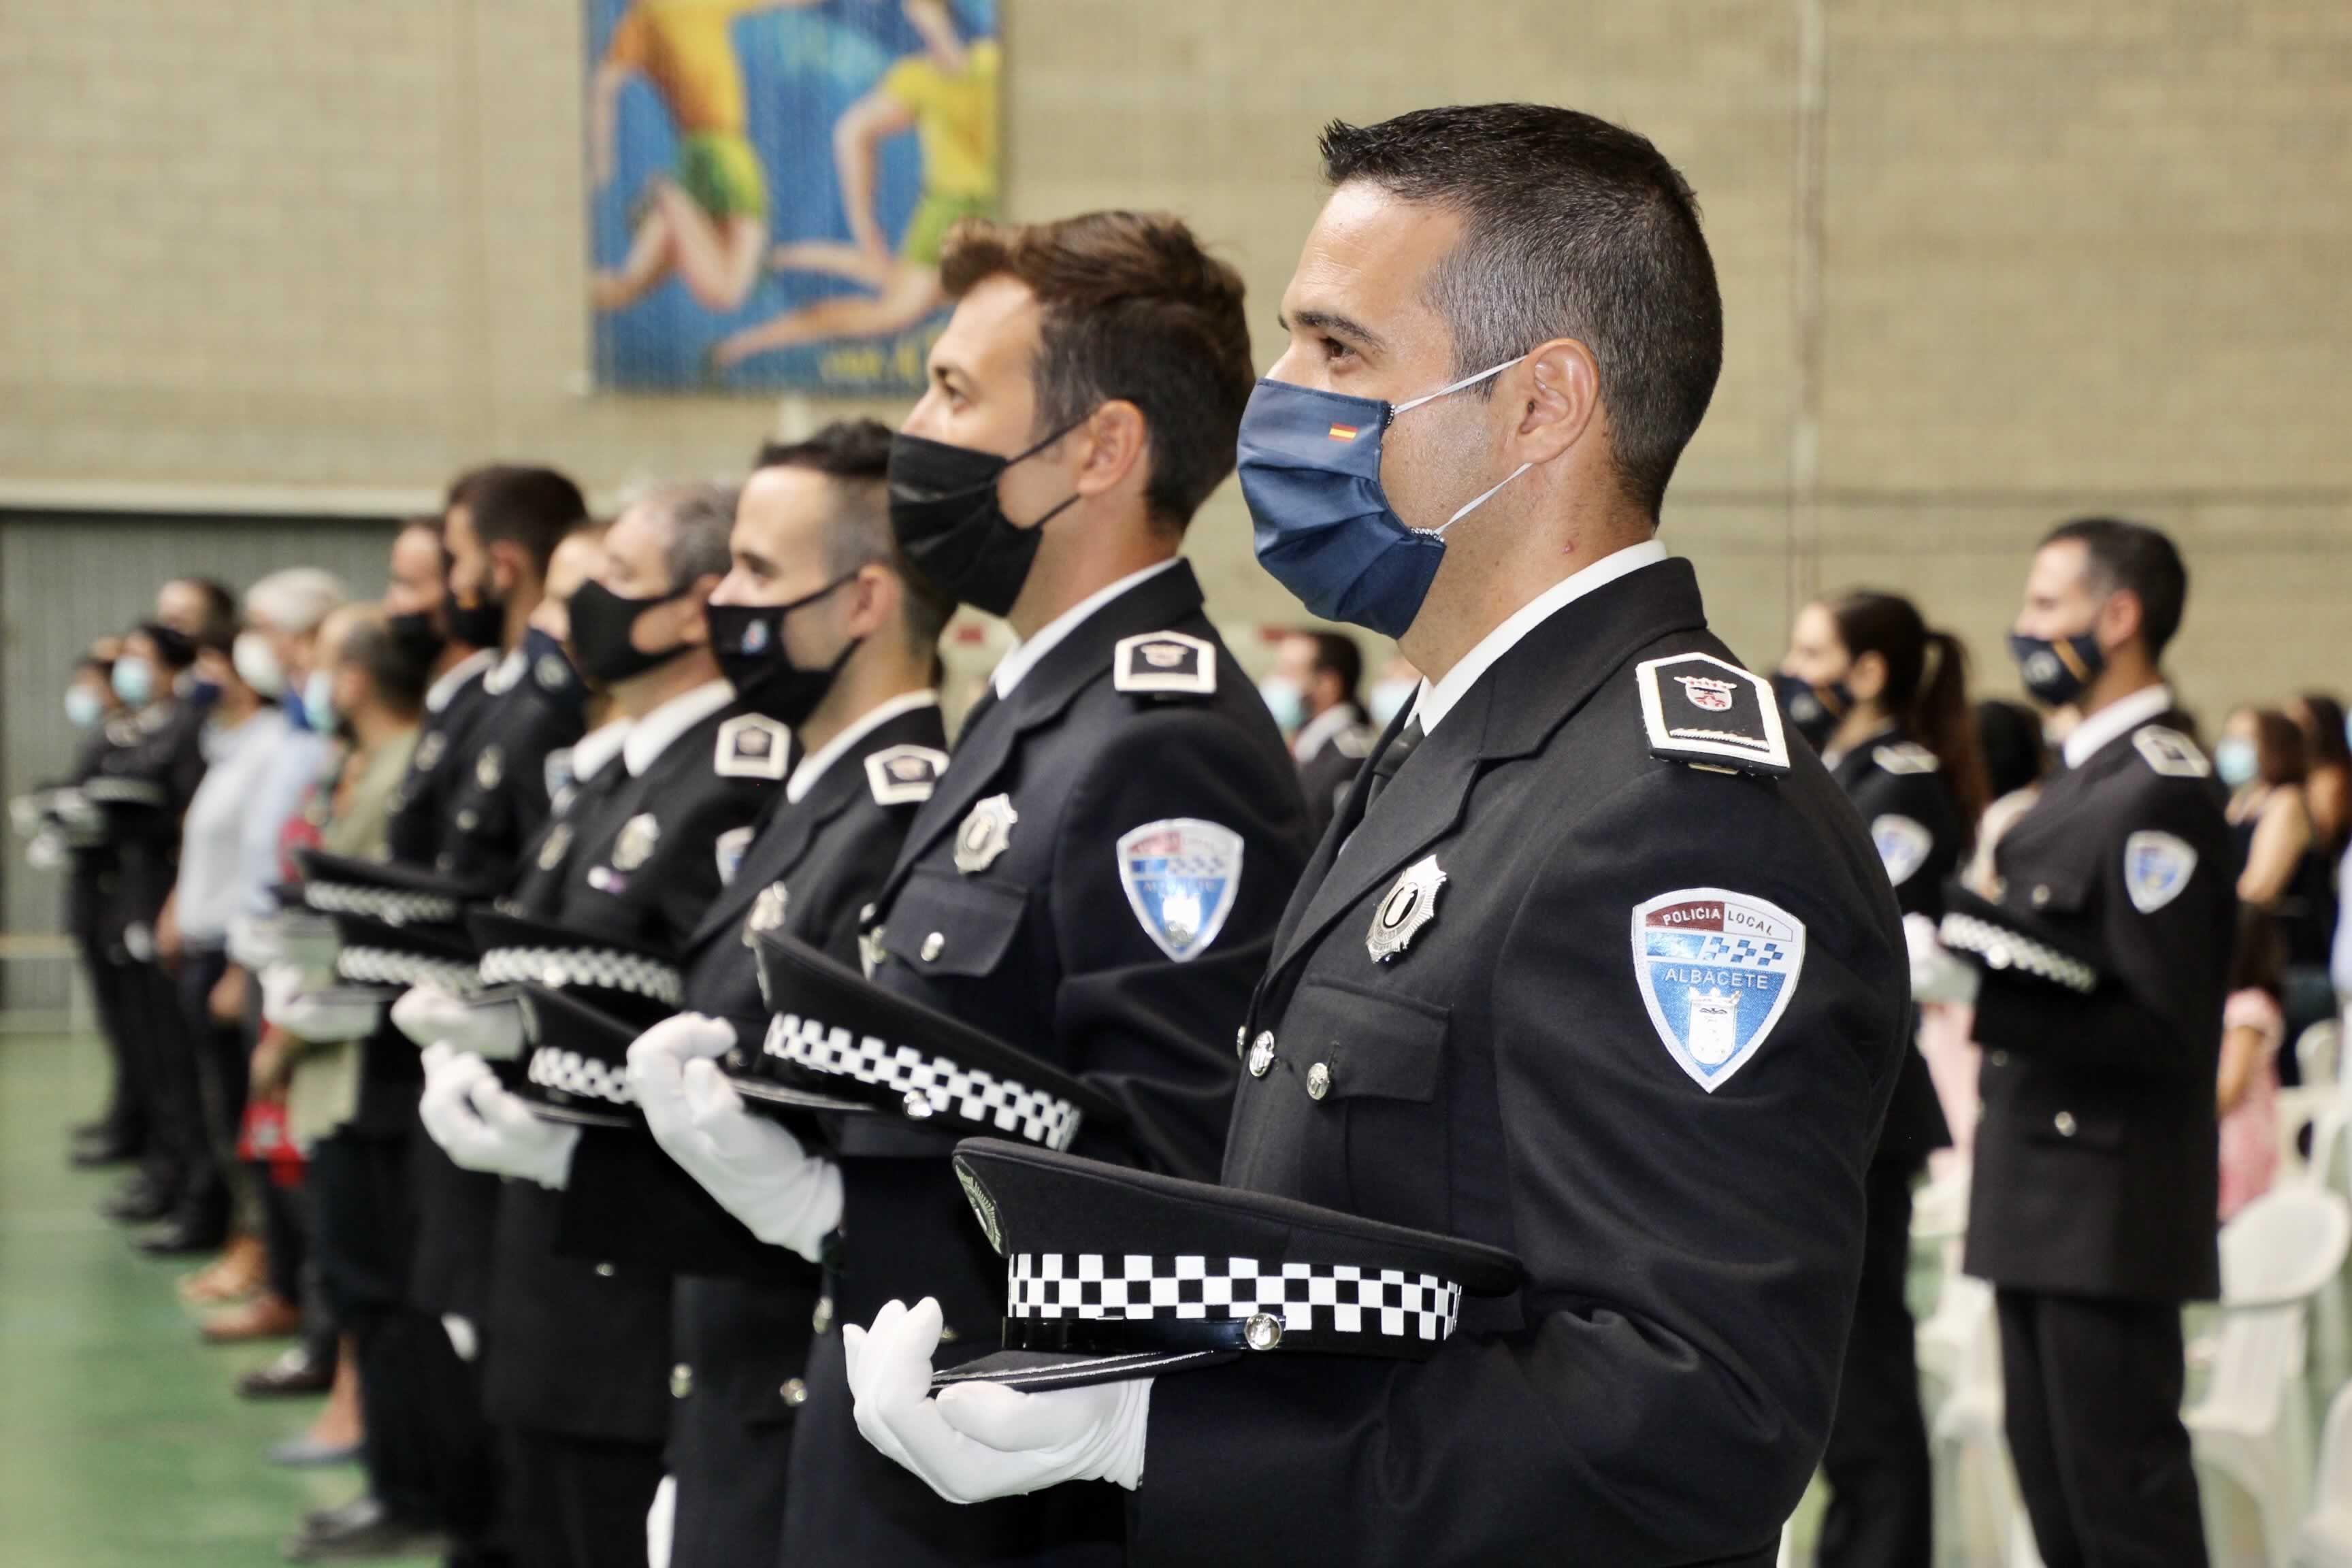 Aprobada La Convocatoria De 11 Plazas En La Policía Local De Albacete Policía Local Policía Bando Municipal